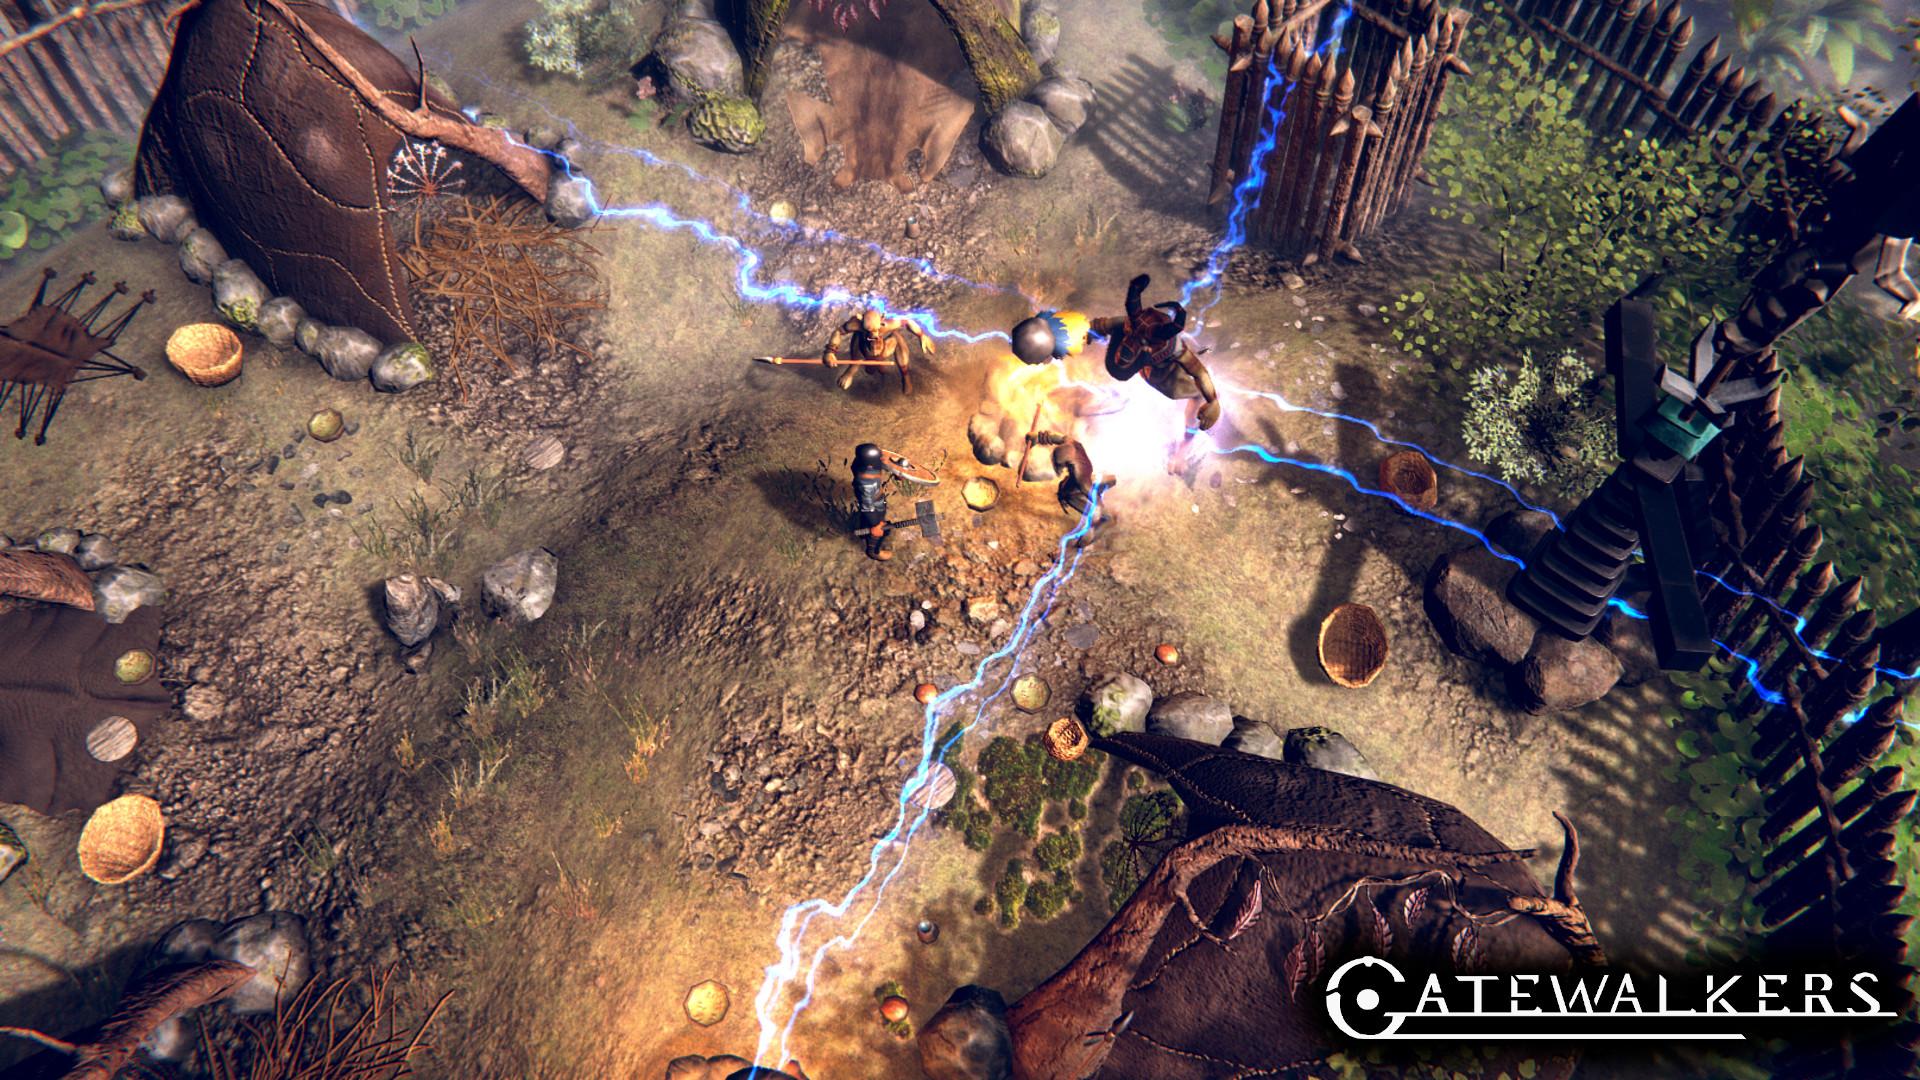 Gatewalkers (Alpha) screenshot